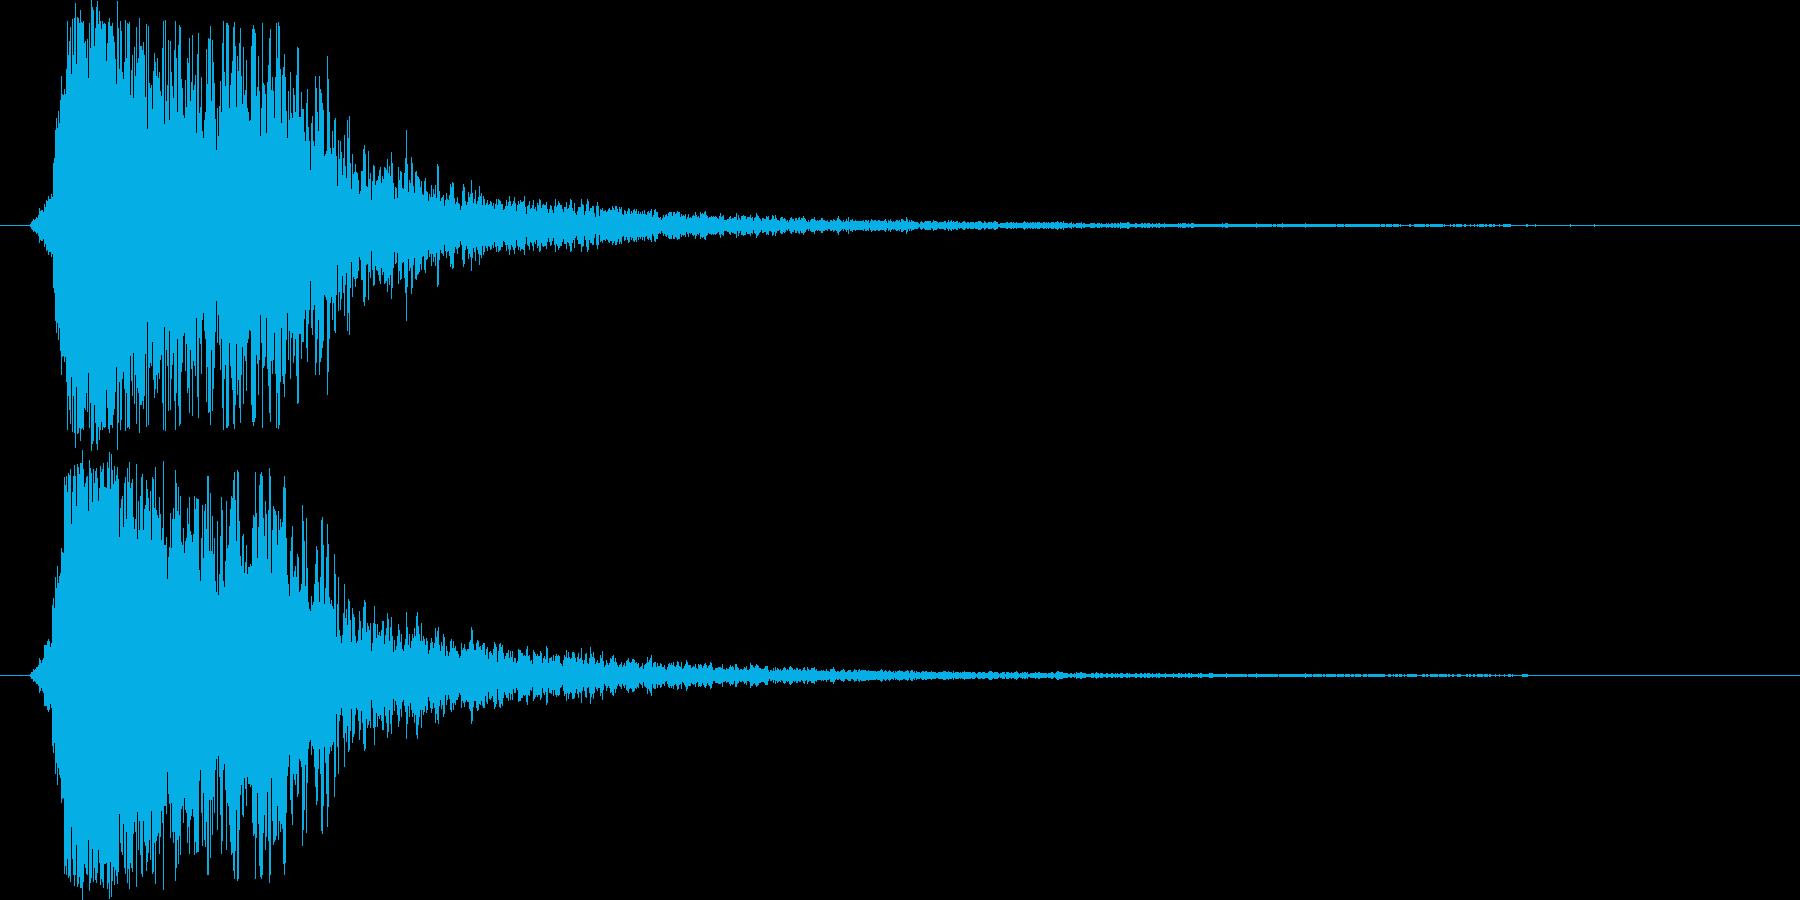 シャキーン(剣や刀、必殺技などの音)2vの再生済みの波形